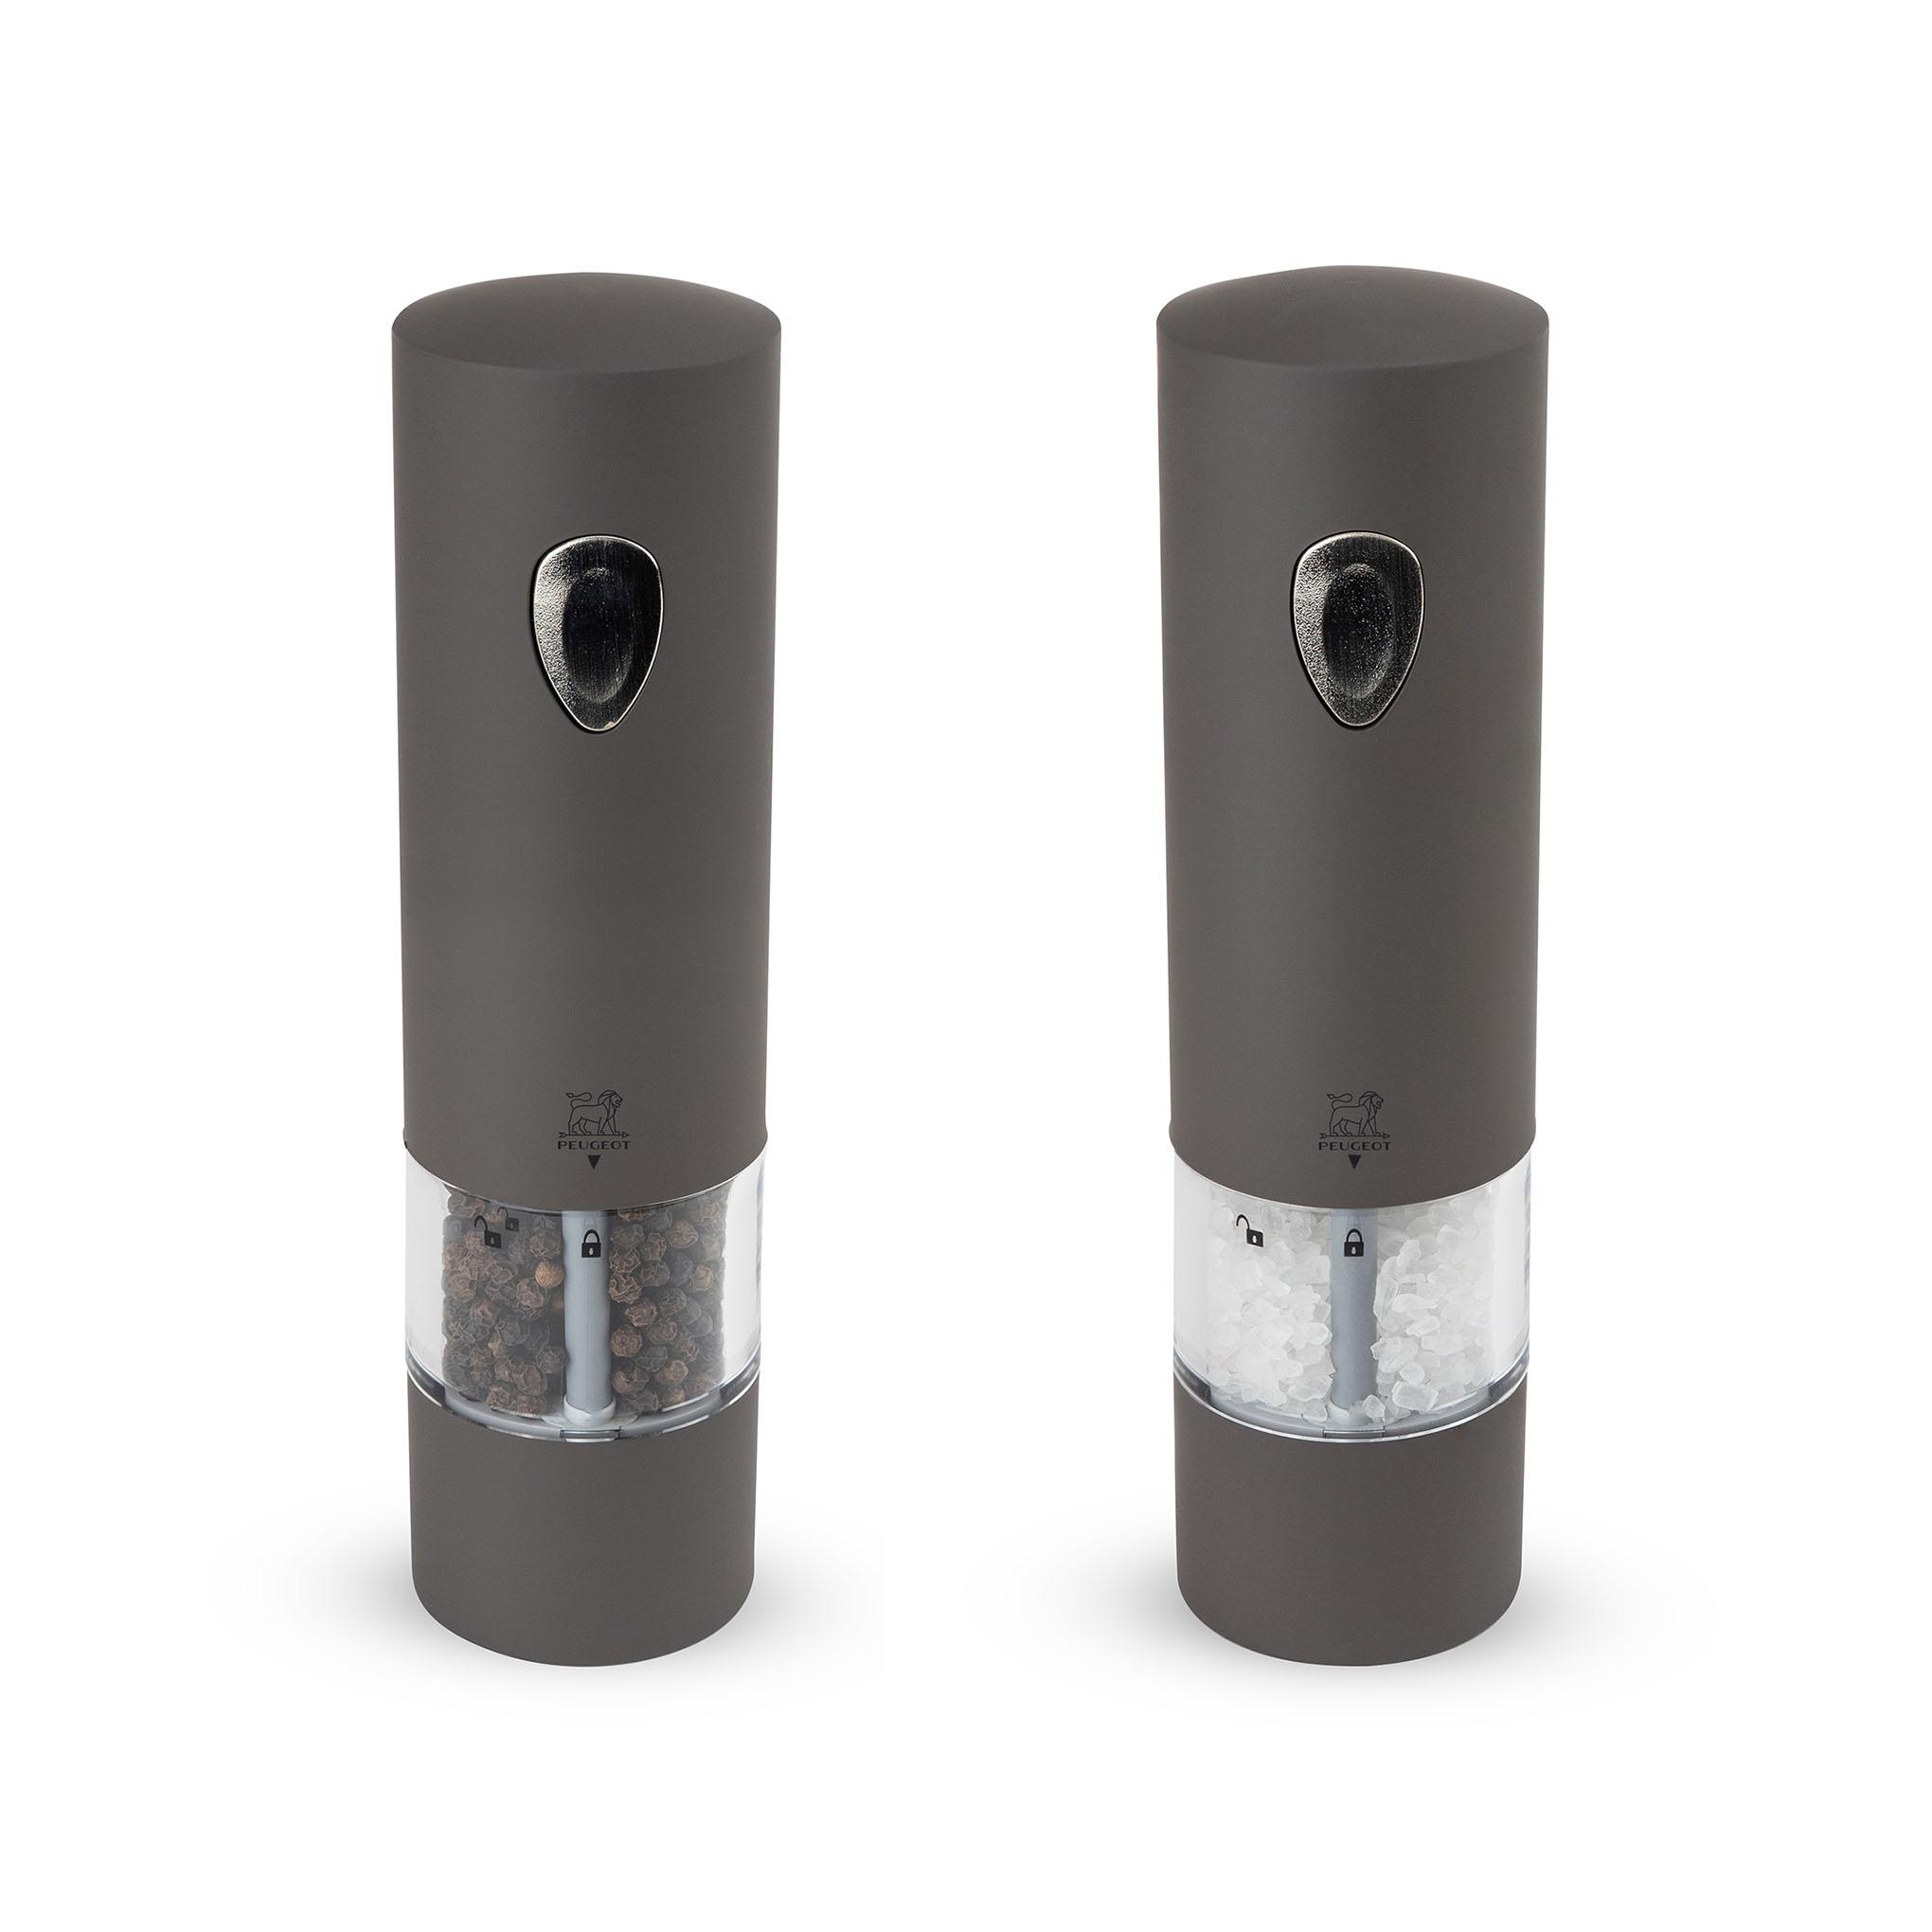 Duo de moulin à poivre et sel électrique basalte H20cm